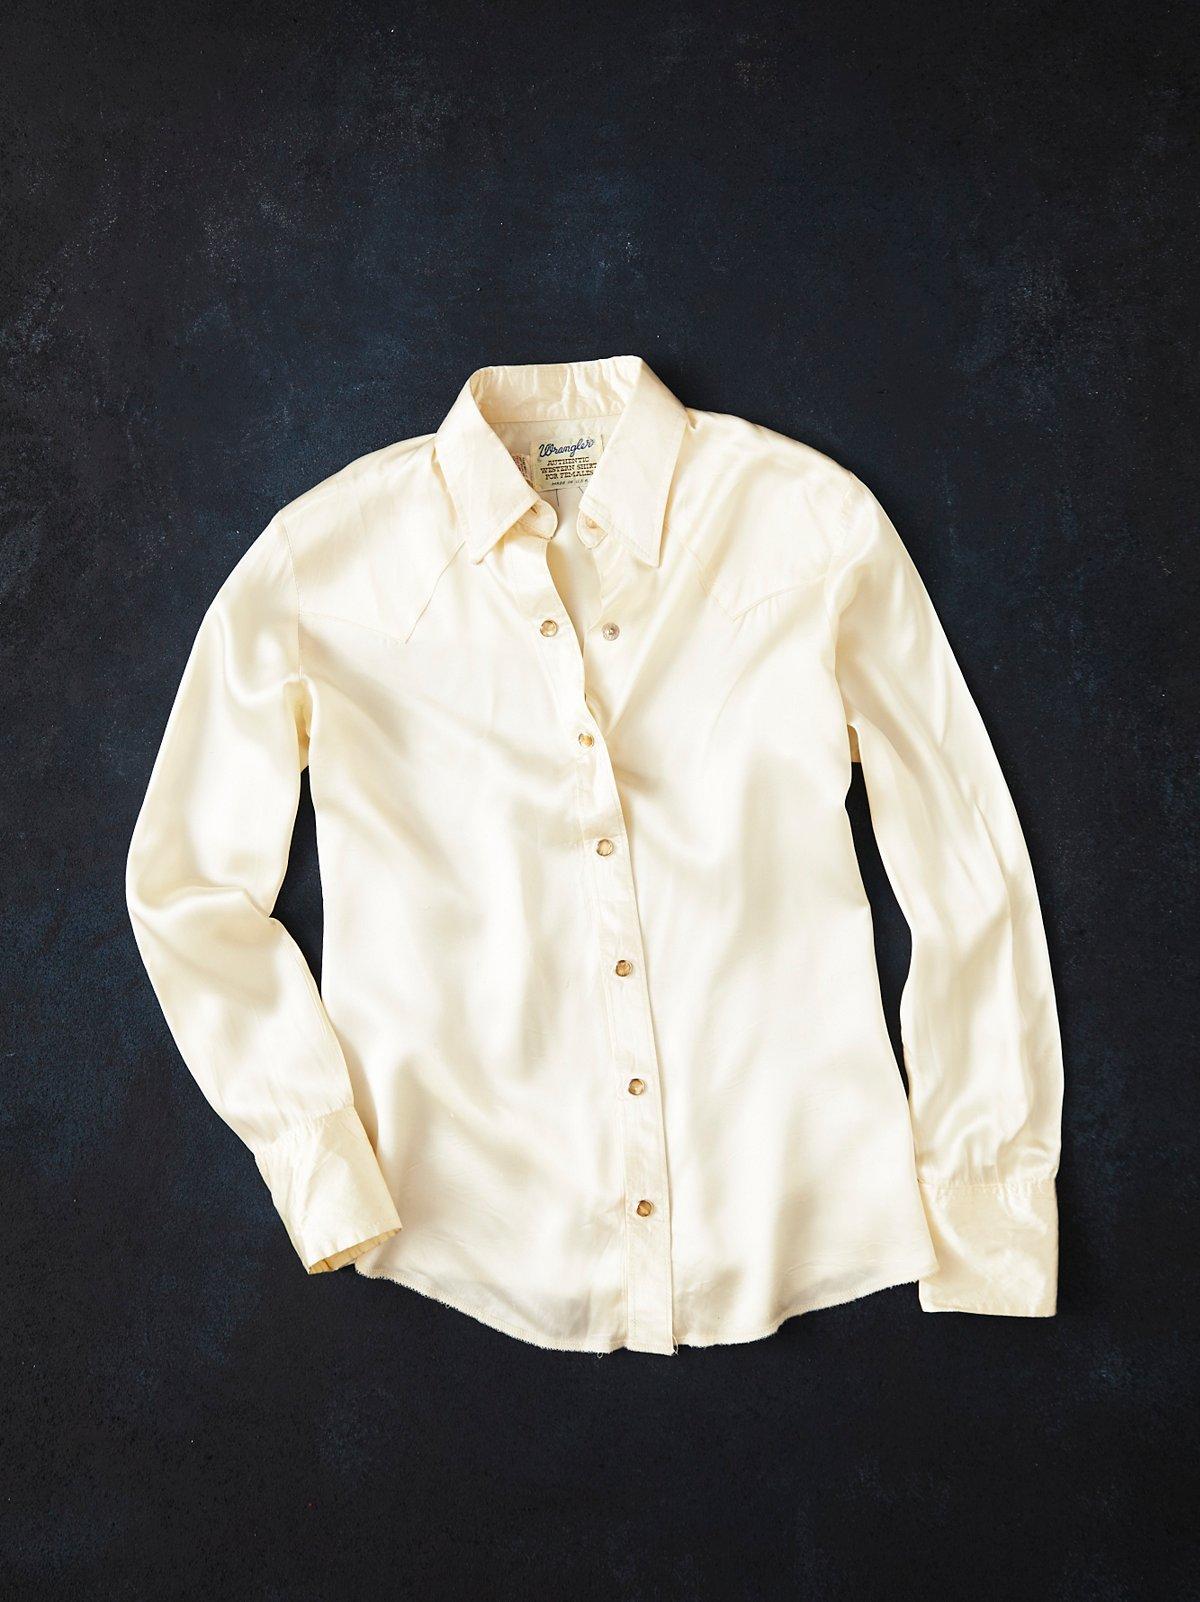 Vintage 1950s Wrangler Shirt